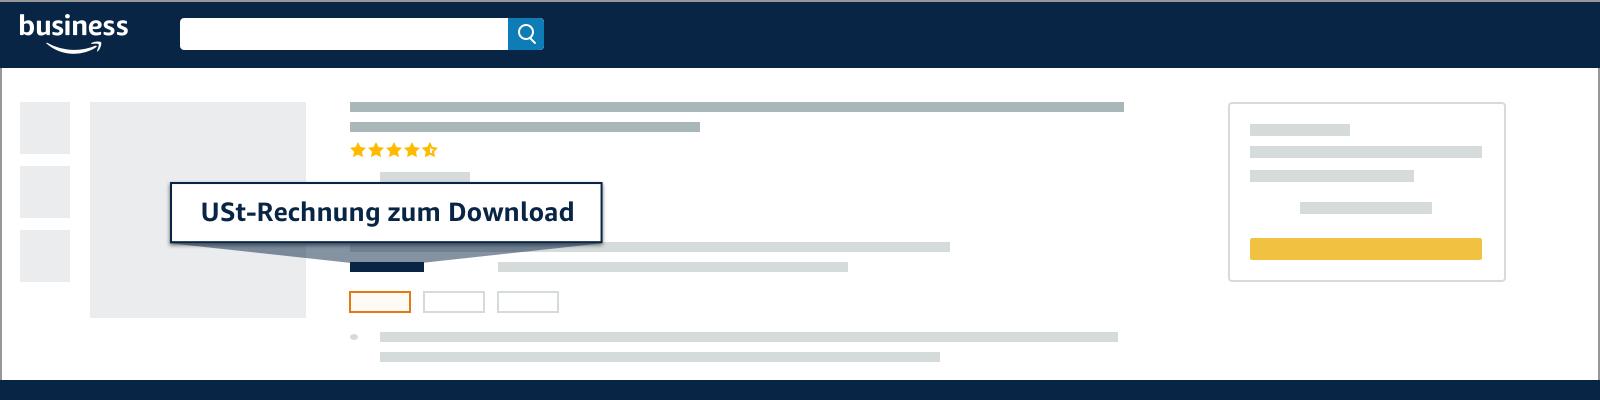 TCS / VCS Lite bei starsellersworld.com einstellen